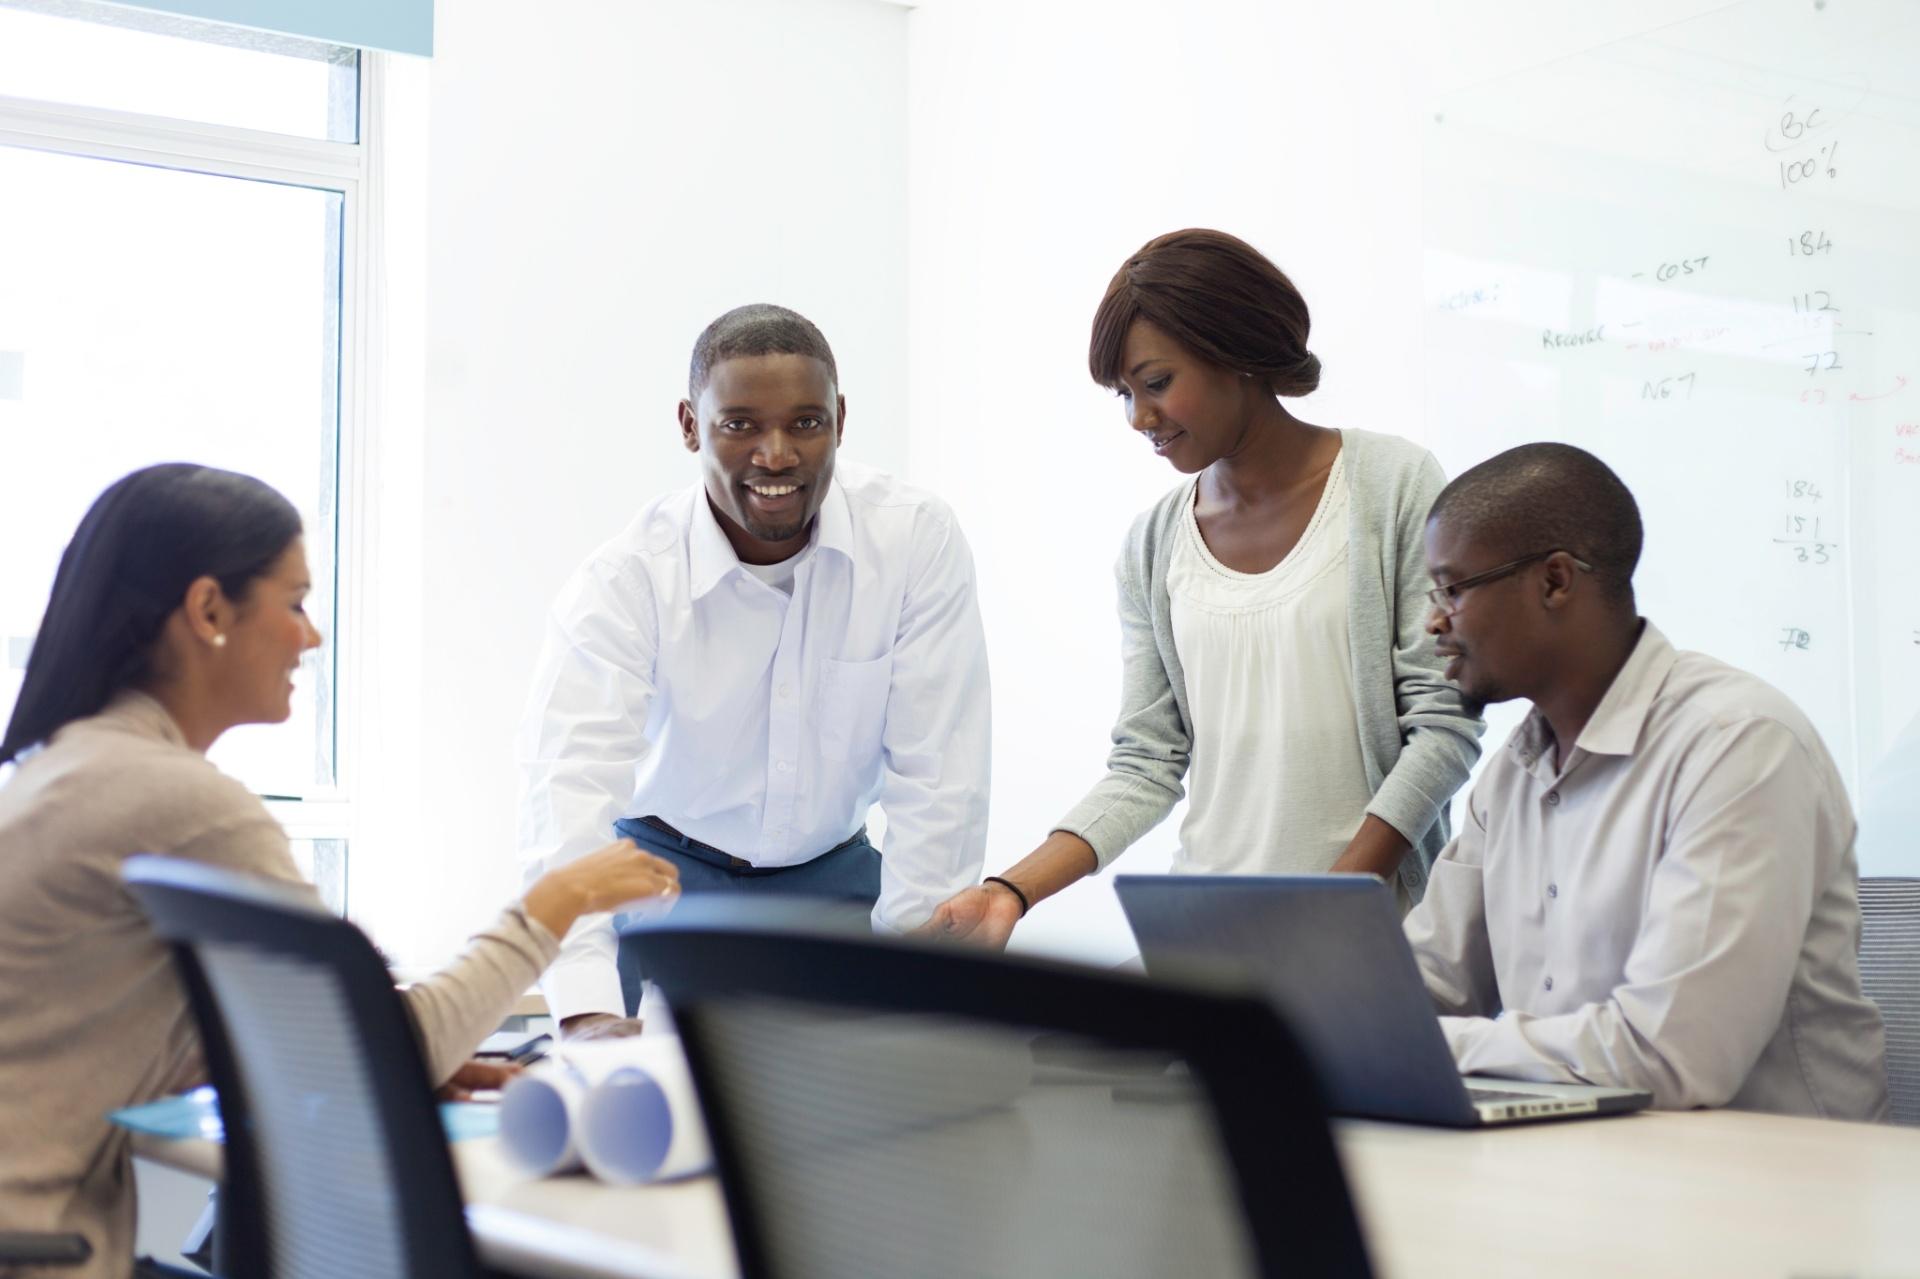 Empreendedorismo: como abrir uma empresa no Brasil?